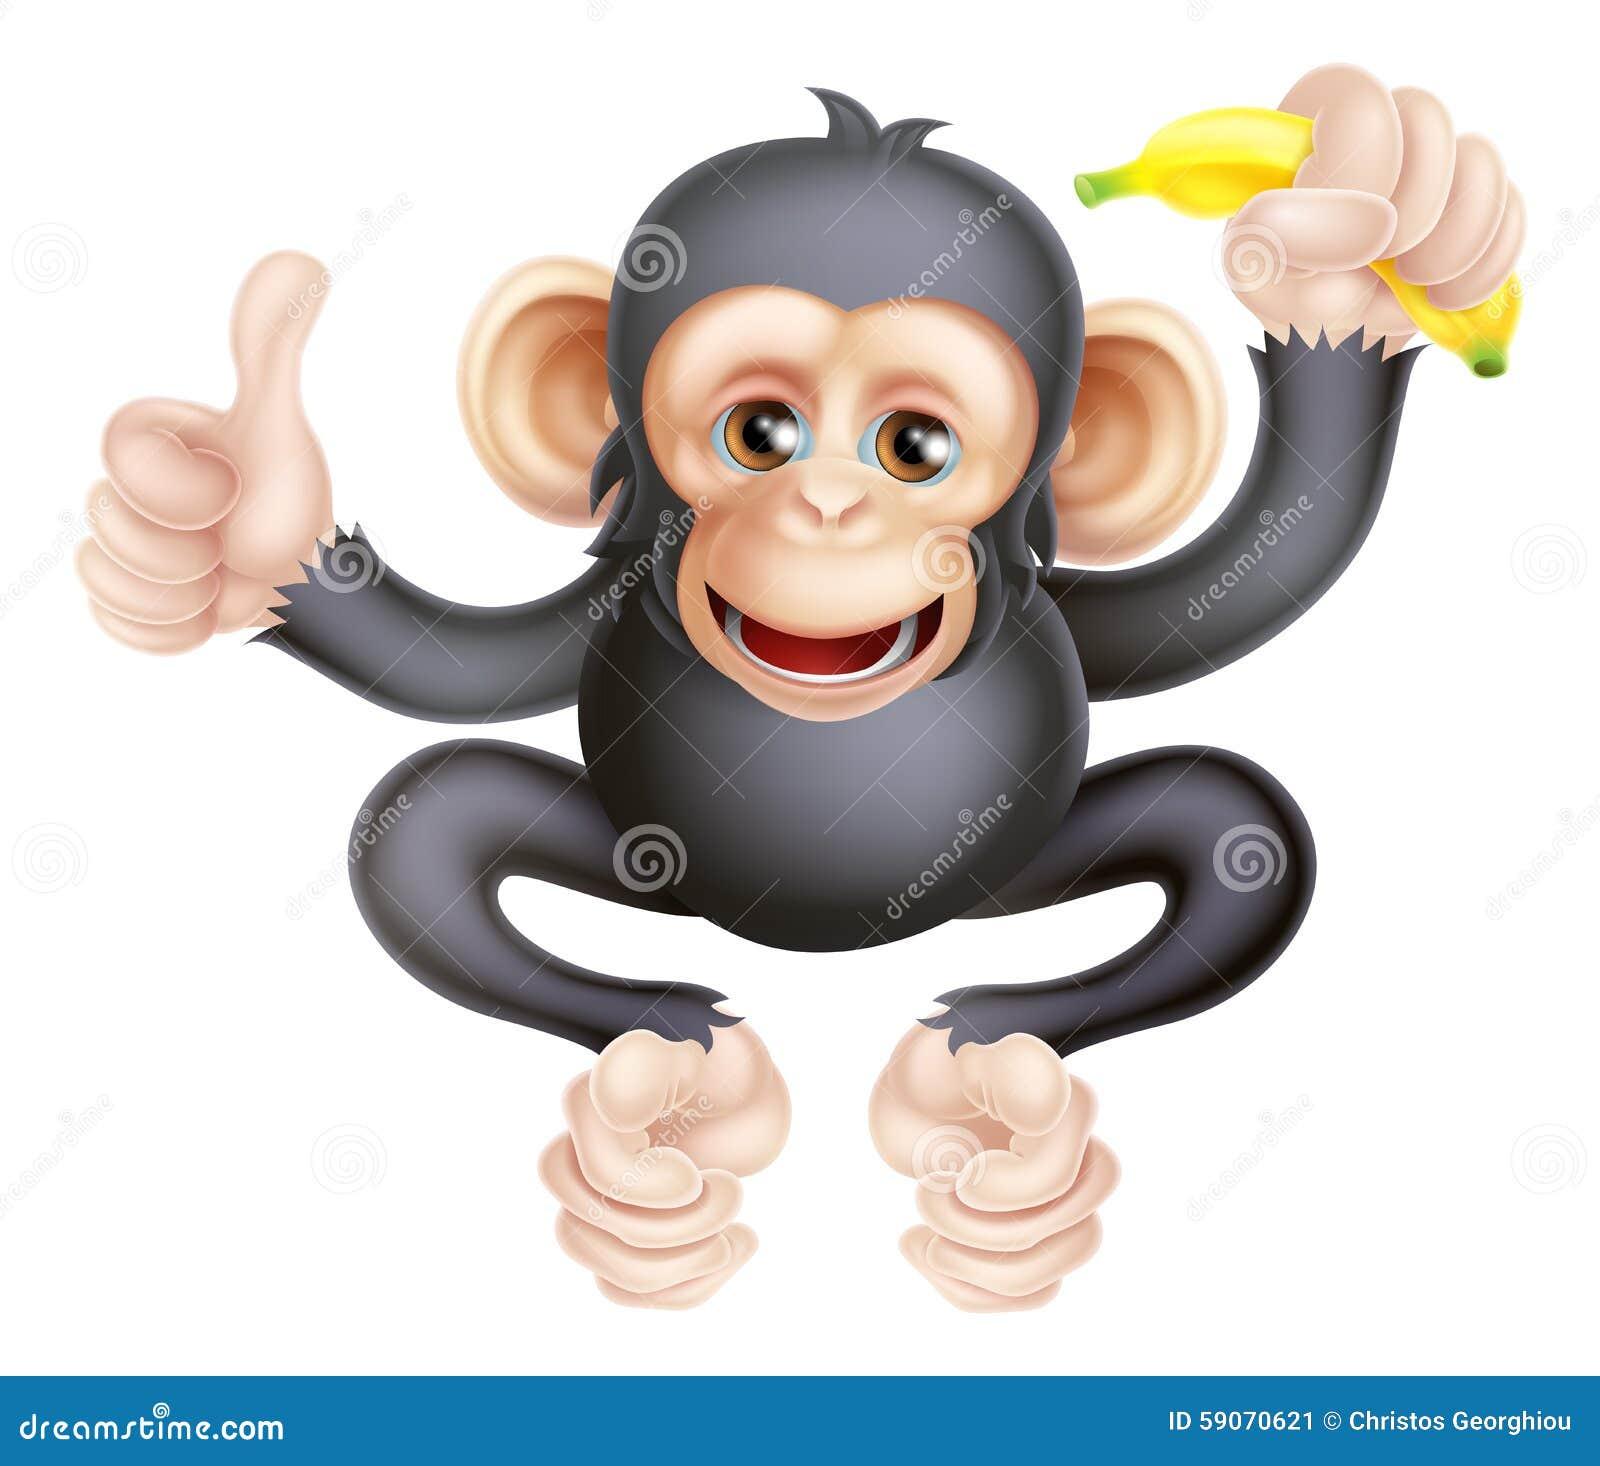 Cartoon Chimp Monkey With Banana Stock Vector - Image ...